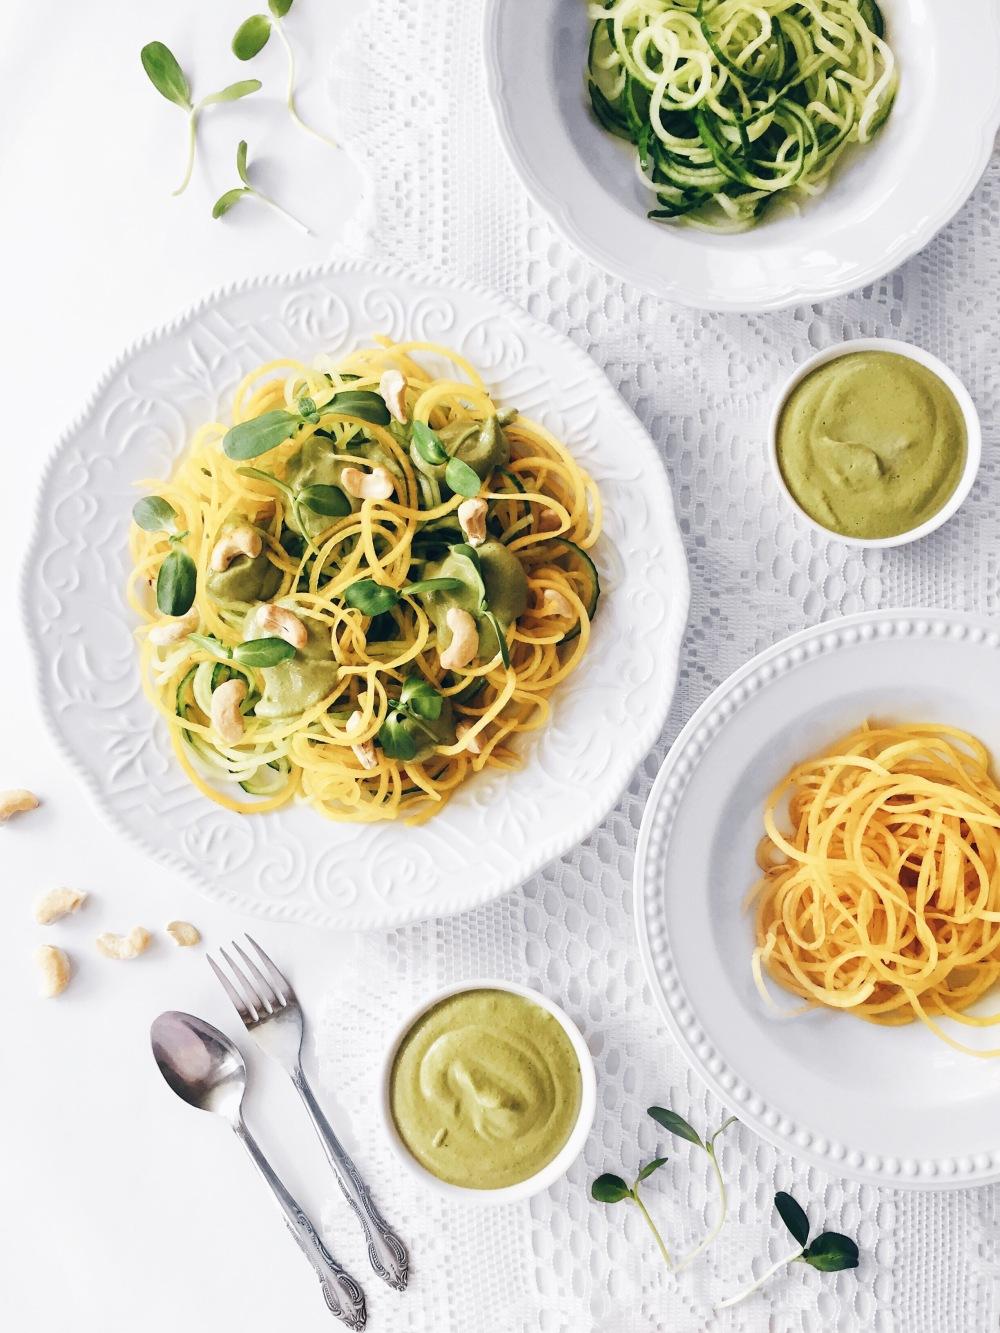 Spaghetti de courgettes et betteraves jaunes et sauce crémeuse végane aux noix de cajou ultra nutritive